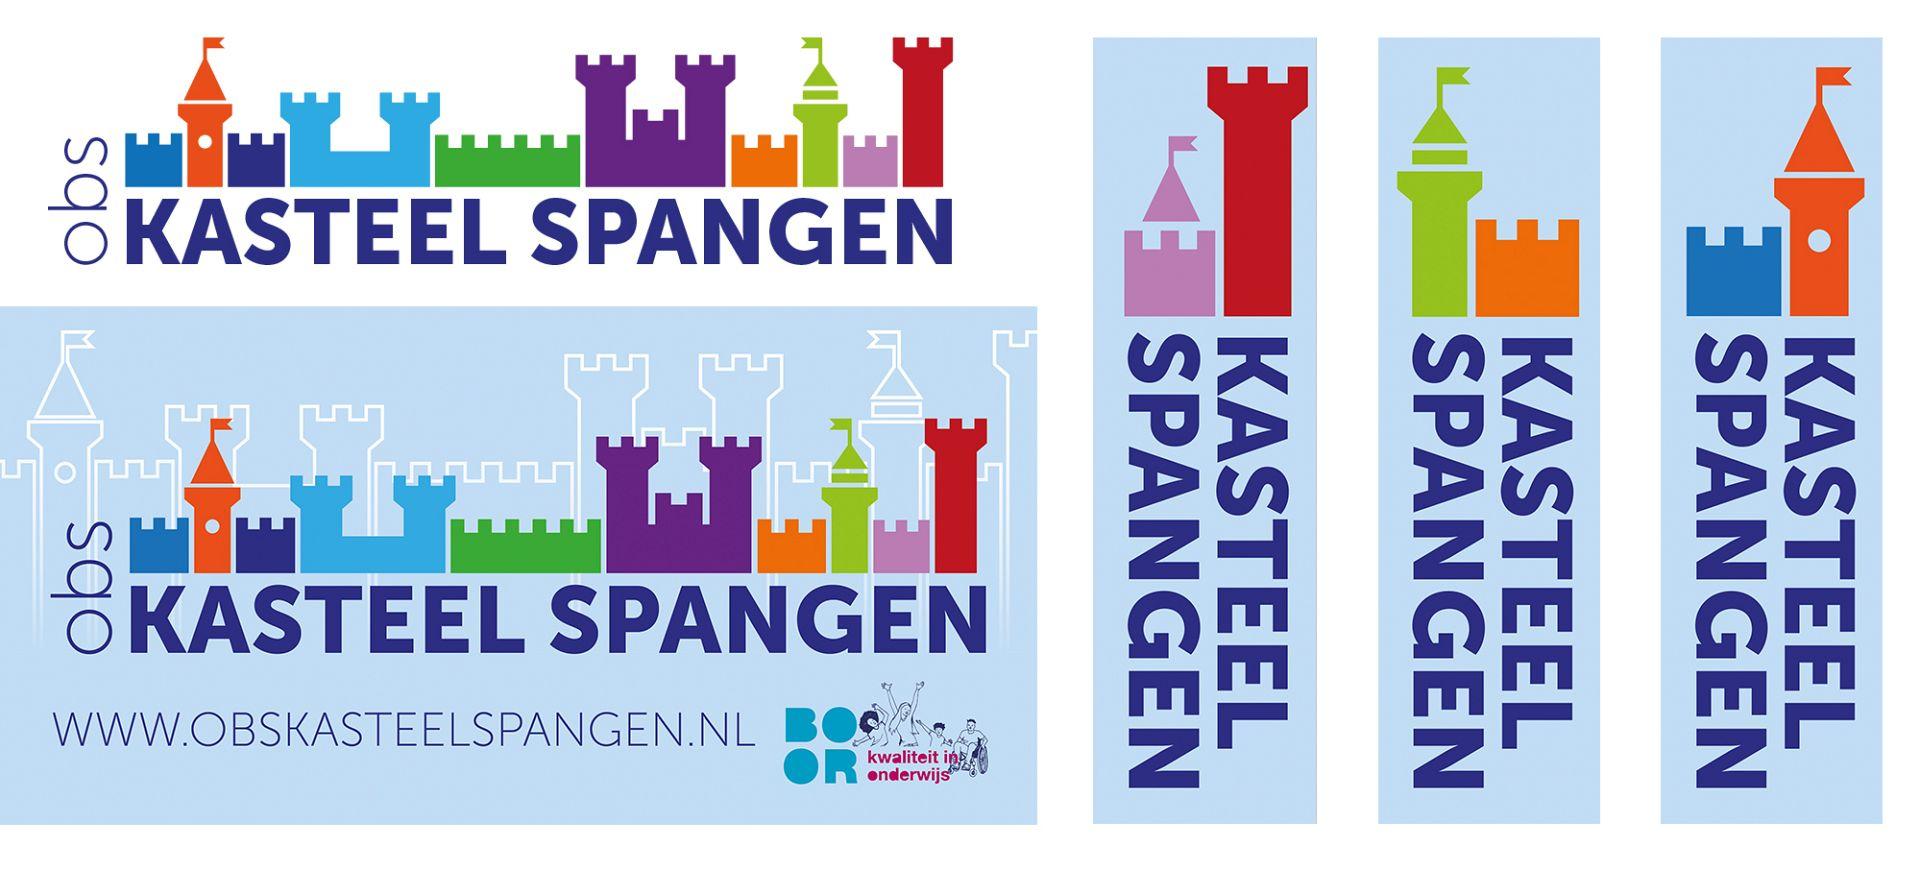 Kasteel Spangen Rotterdam